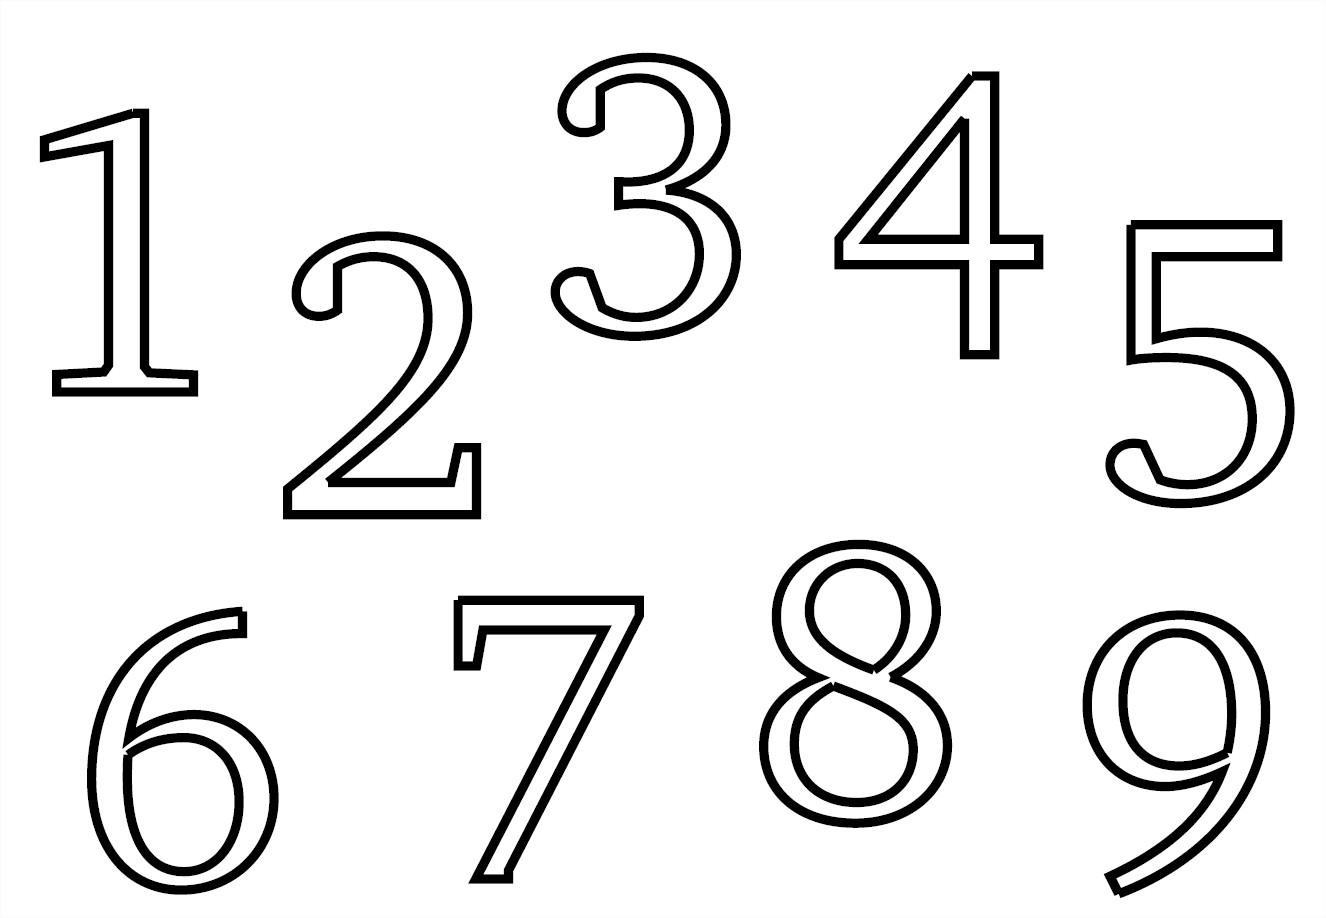 Coloriage chiffres 1 à 9